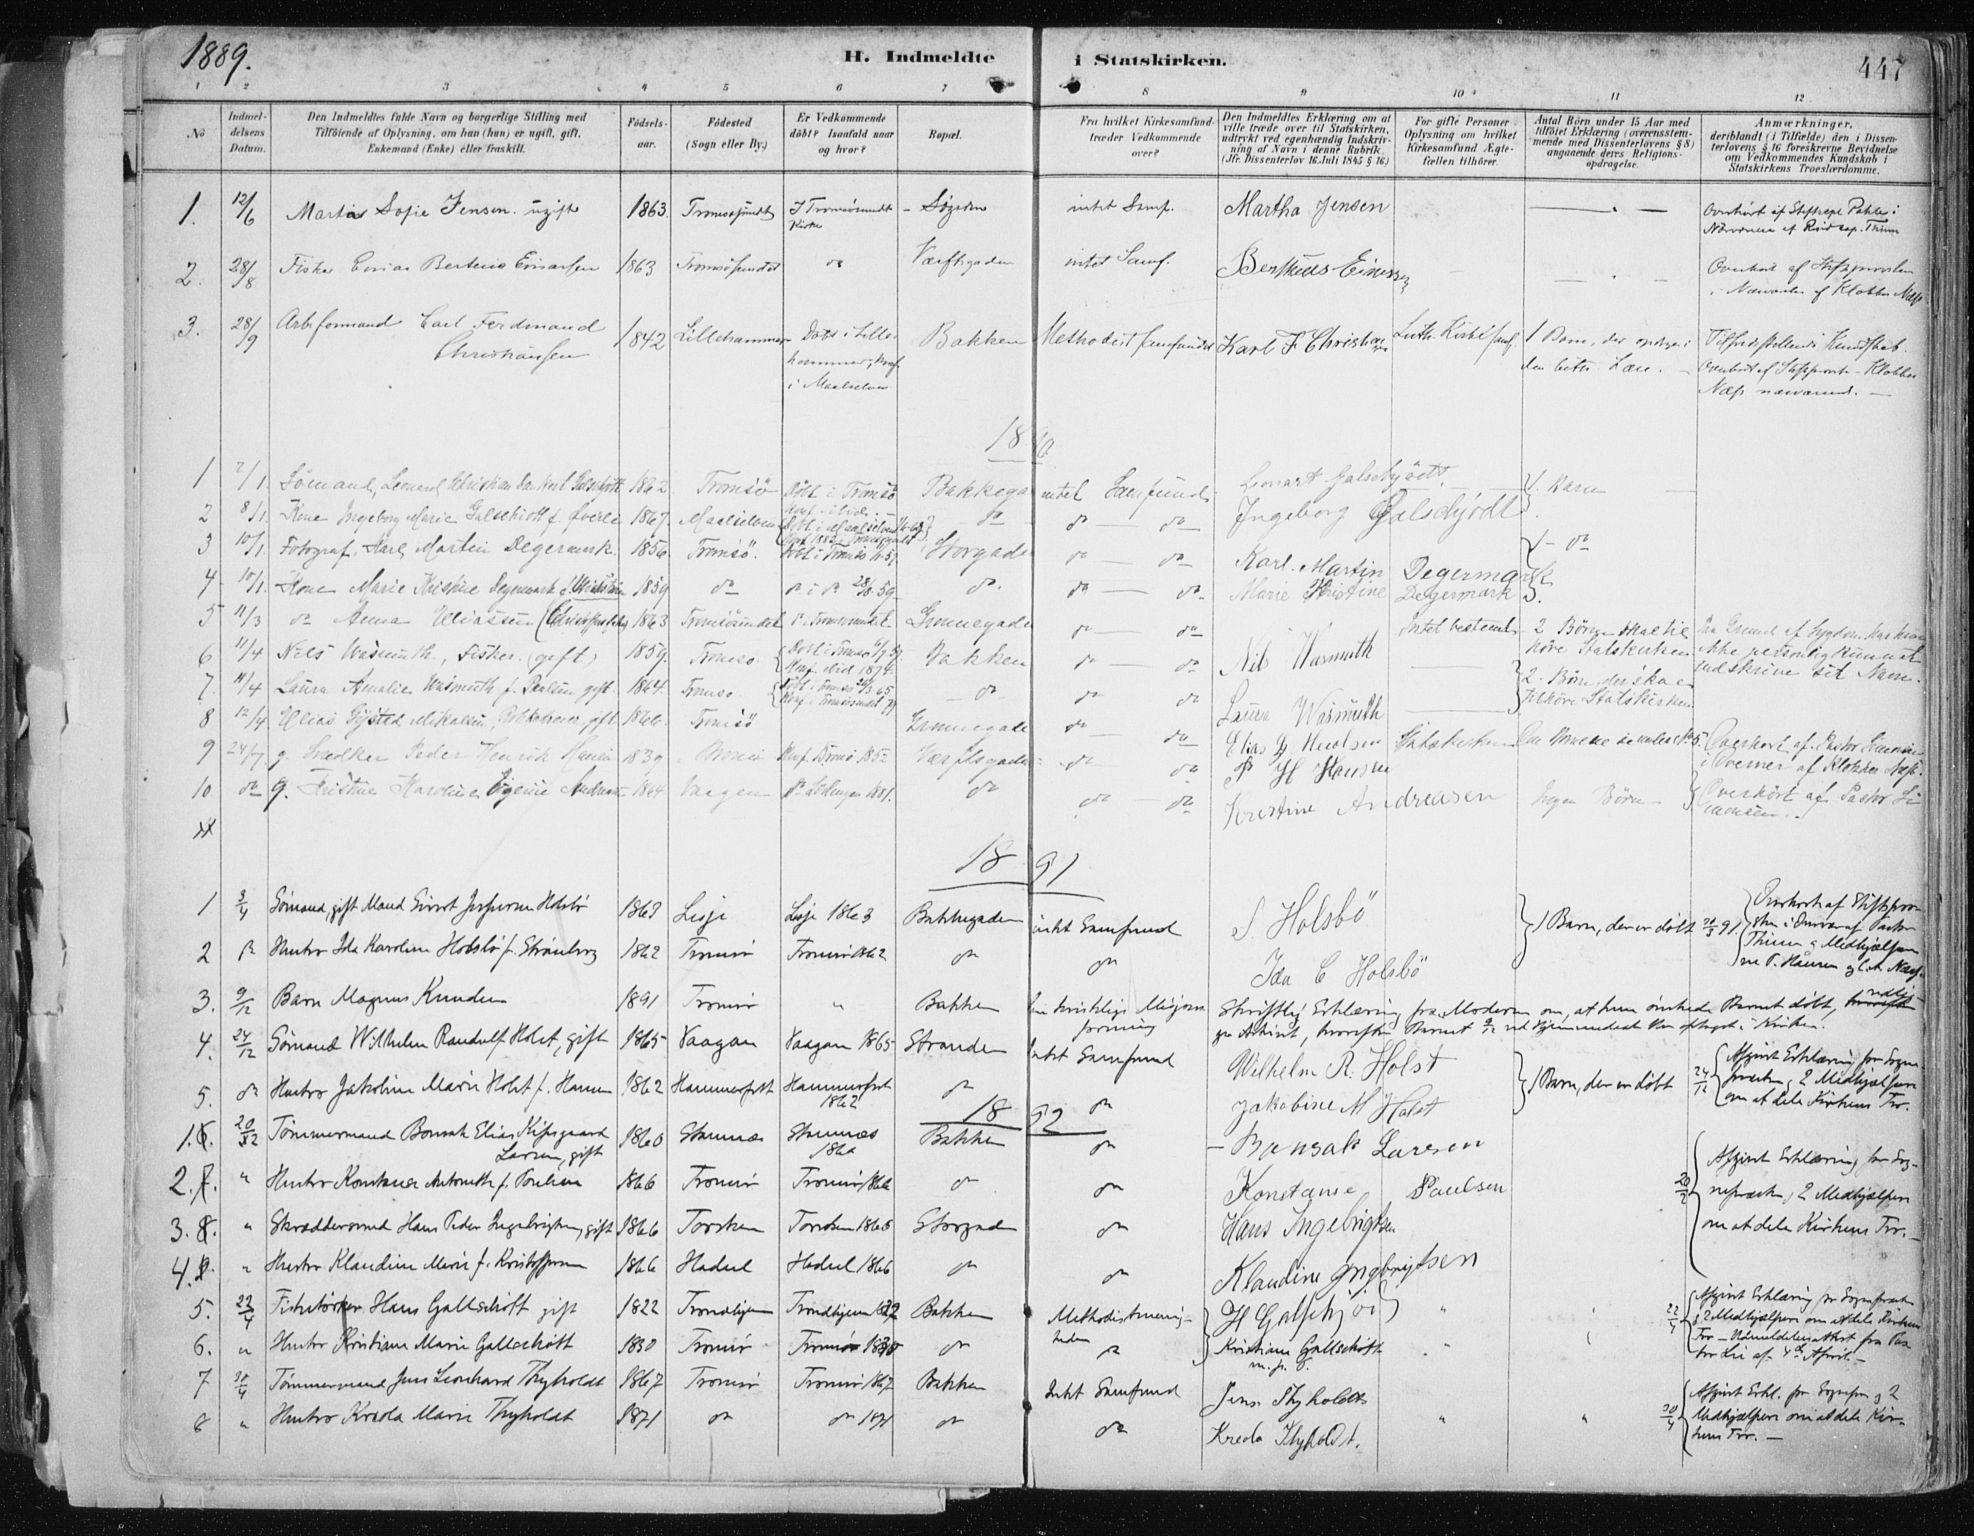 SATØ, Tromsø sokneprestkontor/stiftsprosti/domprosti, G/Ga/L0015kirke: Ministerialbok nr. 15, 1889-1899, s. 447